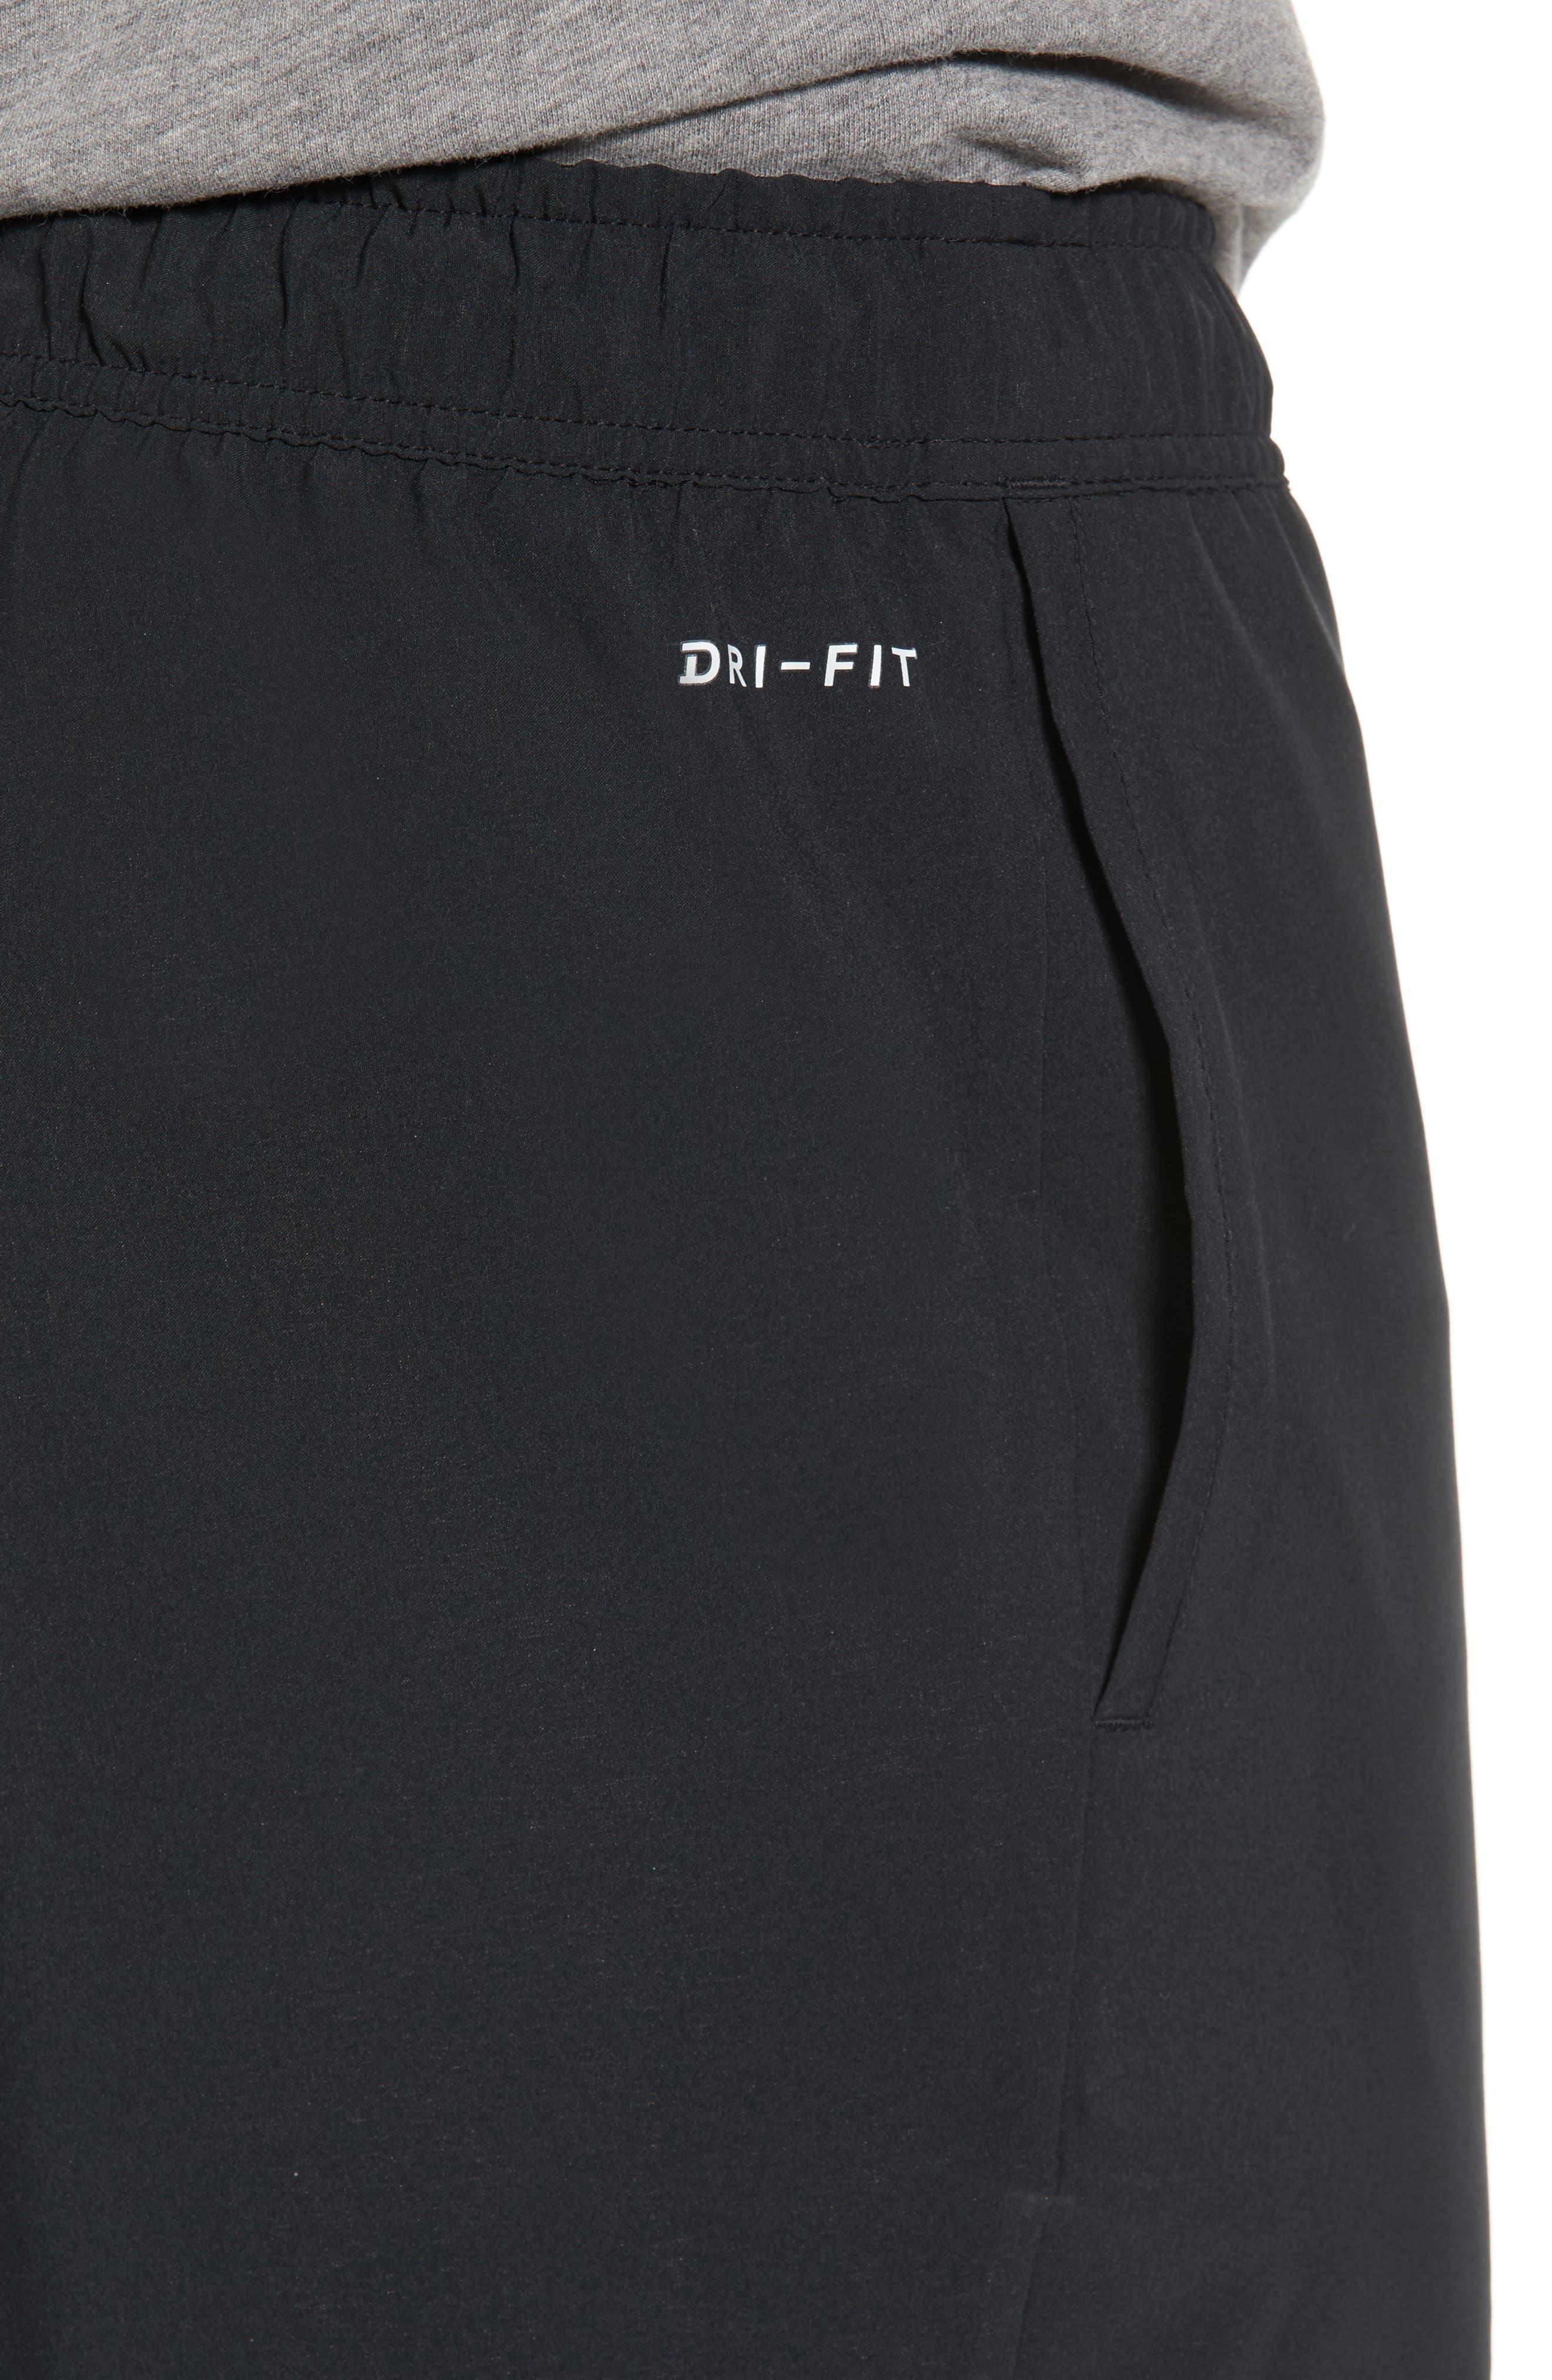 NIKE,                             Training Flex PX Shorts,                             Alternate thumbnail 4, color,                             010